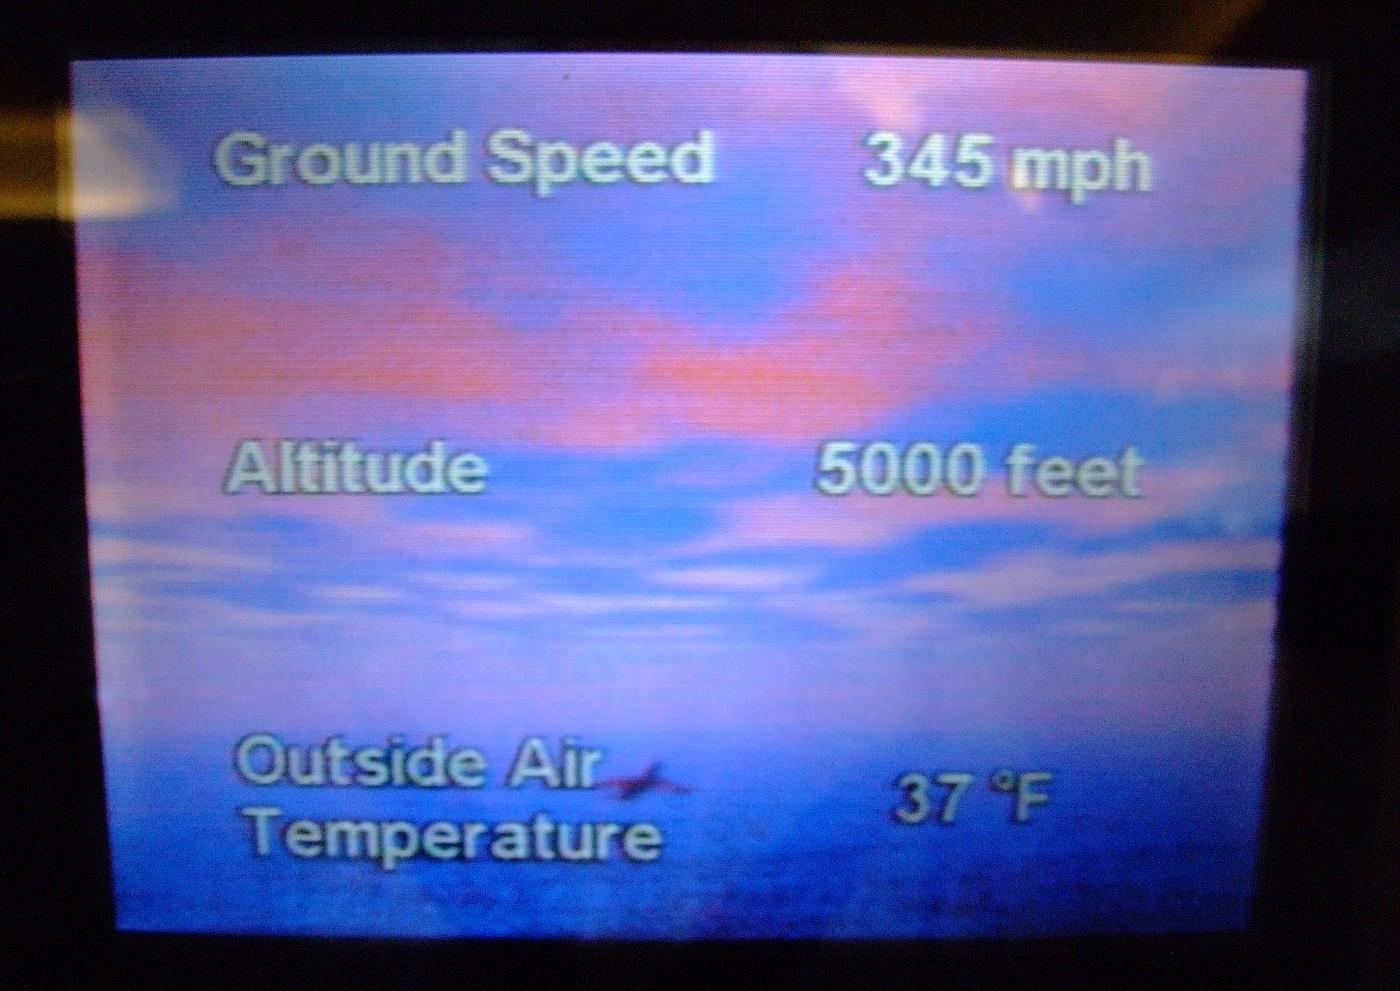 Flightpath 001